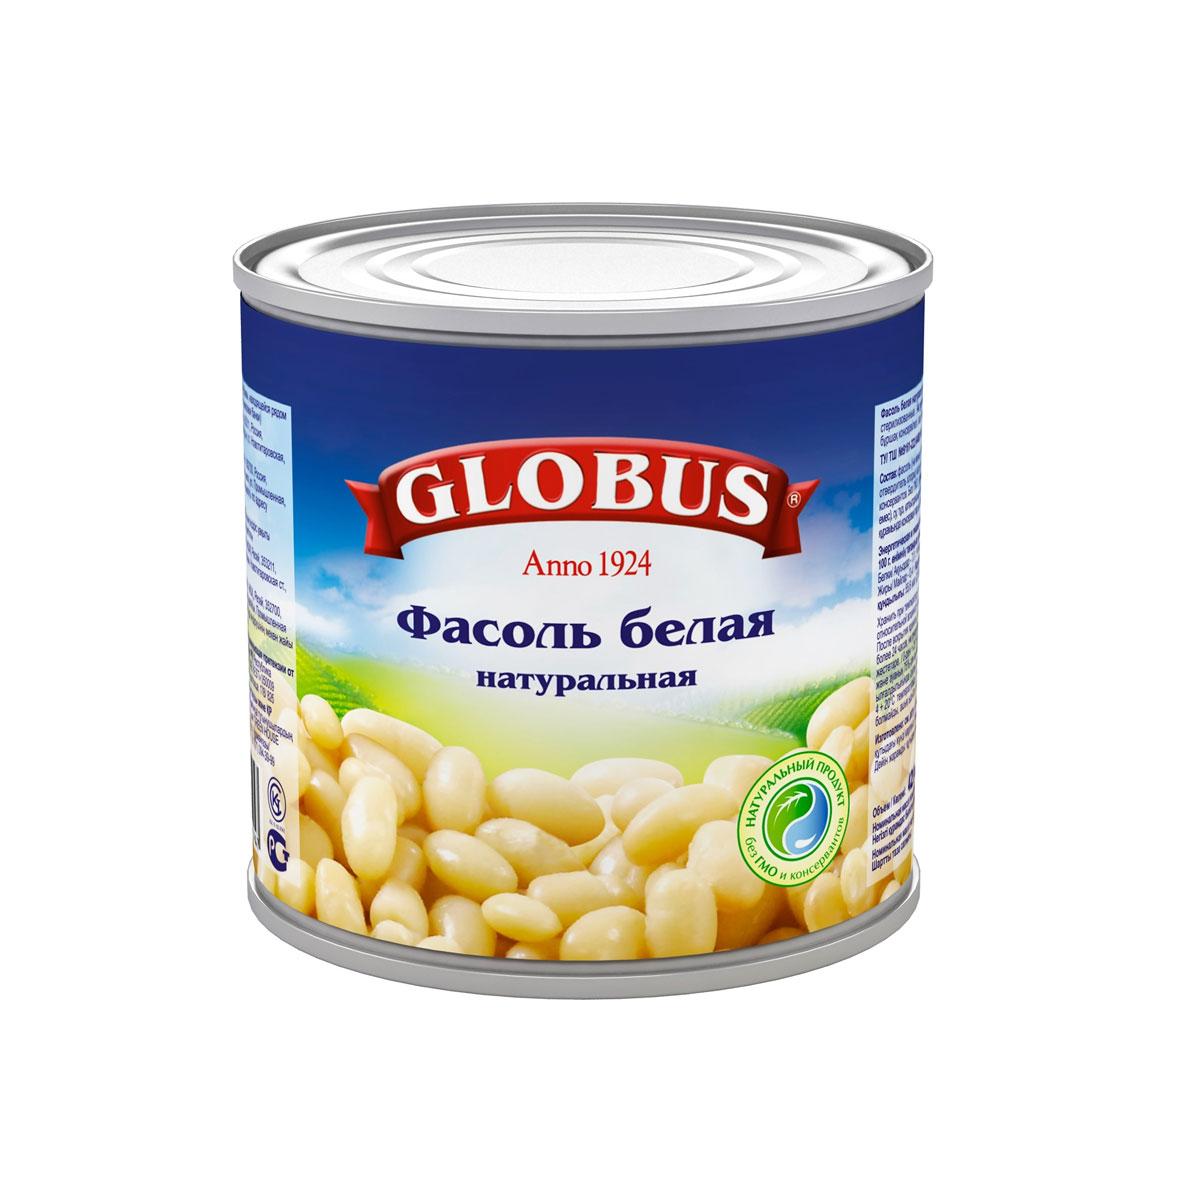 Globus белая фасоль, 400 г4806Белая фасоль в собственном соку - это идеальный компонент для соусов и горячих блюд